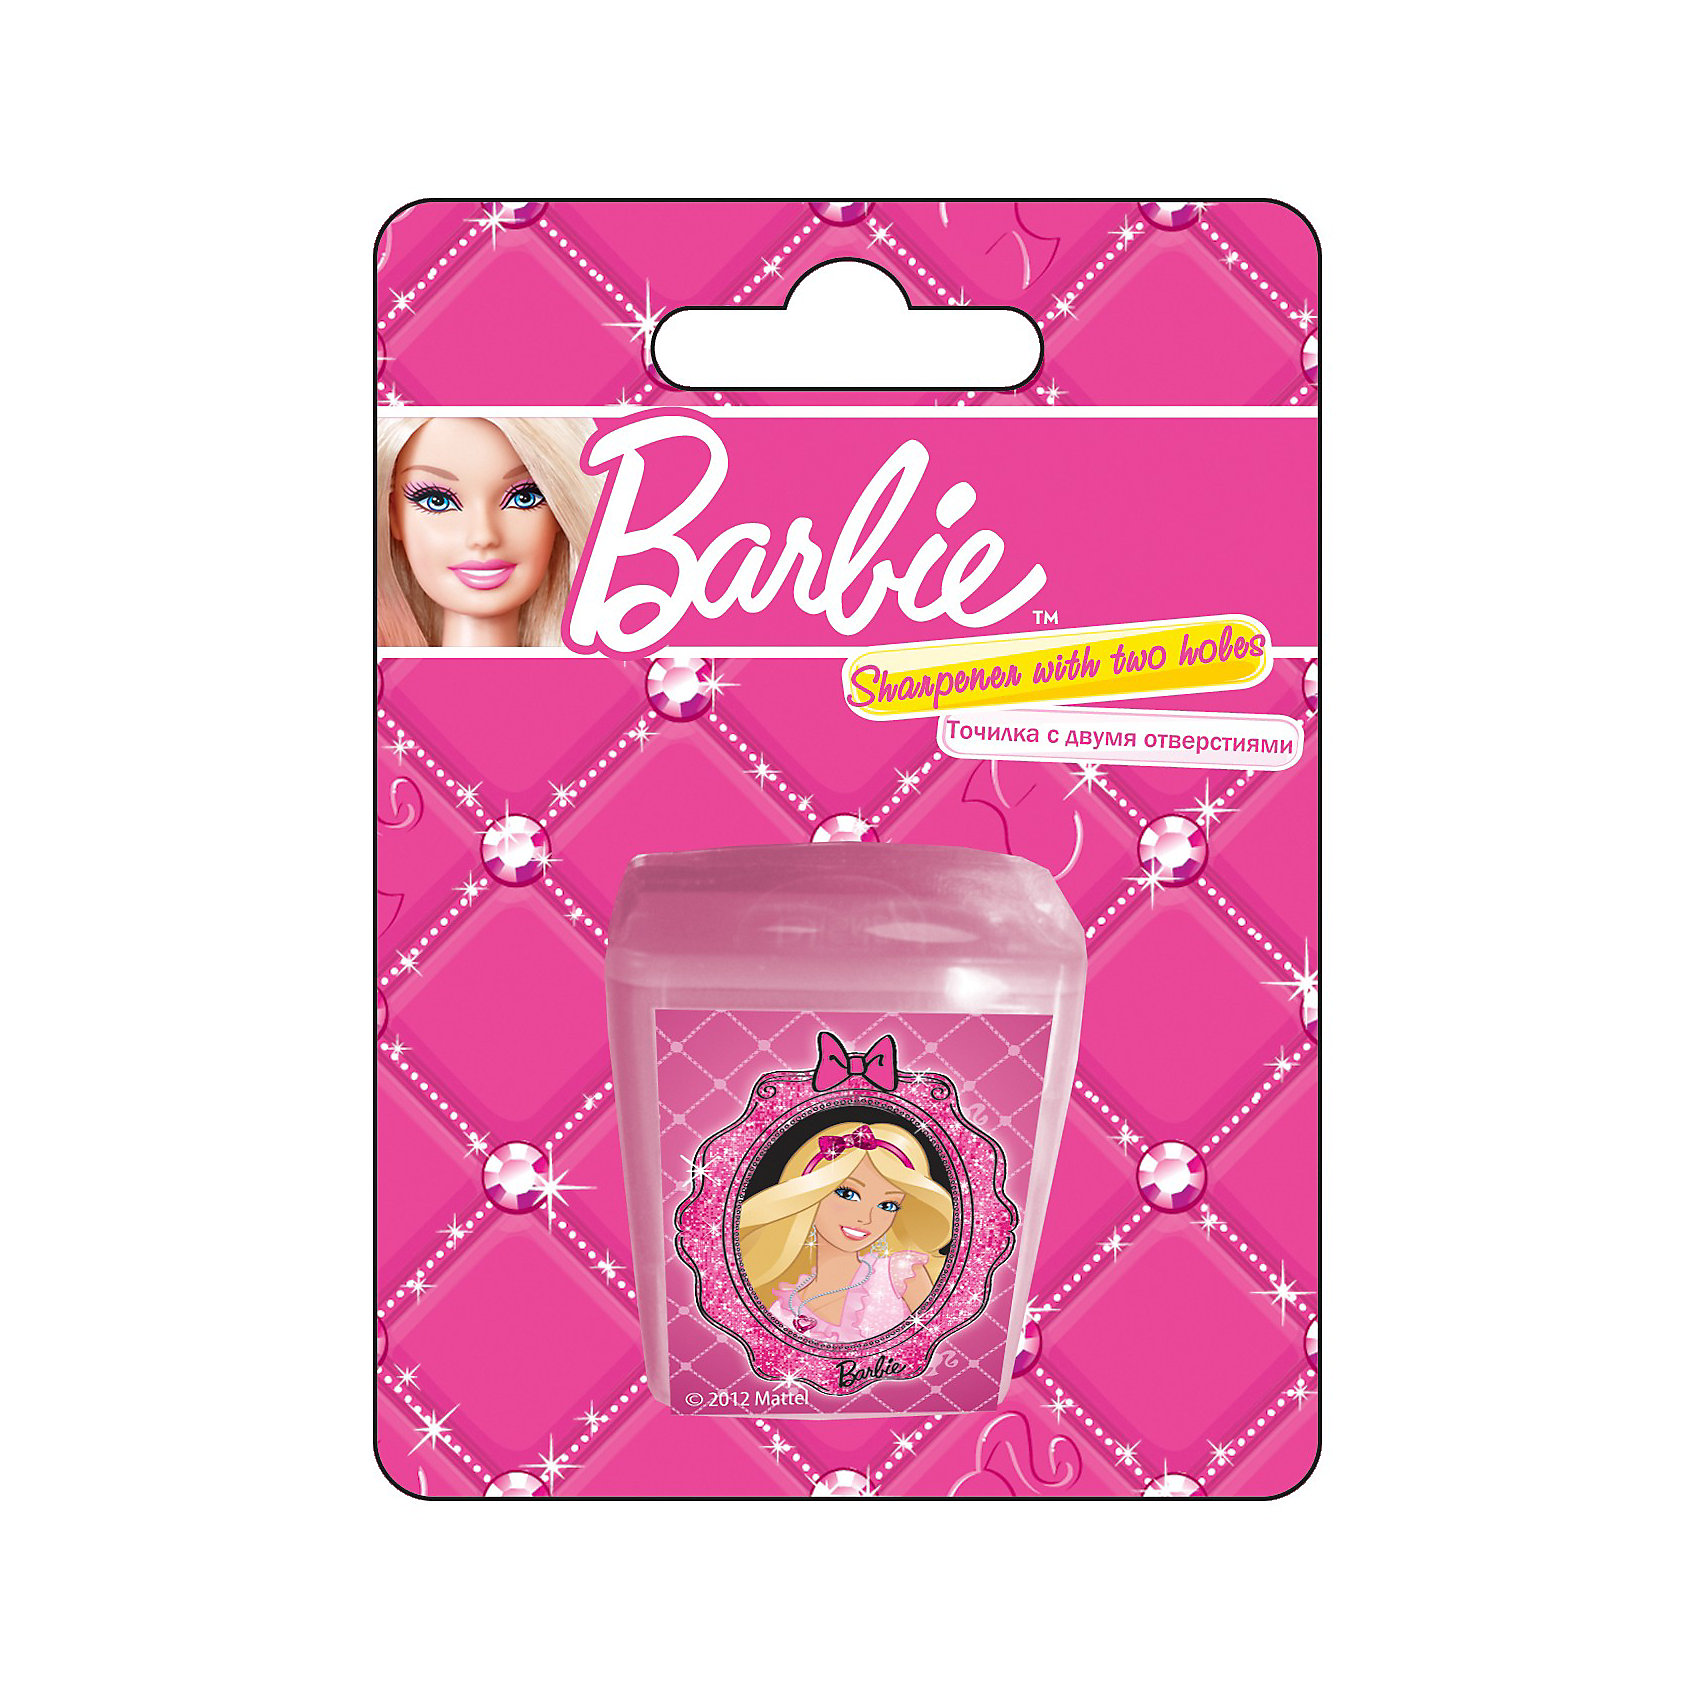 Barbie Точилка с двумя отверстиямиBarbie<br>Точилка с двумя отверстиями, 1шт с изображением Barbie (Барби) станет прекрасным помощником Вашей девочки в школе!<br><br>Дополнительная информация:<br><br>Печать на корпусе - полноцветная. <br>Размер 11х 8 х 2,5.<br><br>Карандаши Вашей девочки всегда будут готовы к работе!<br><br>Ширина мм: 110<br>Глубина мм: 80<br>Высота мм: 25<br>Вес г: 20<br>Возраст от месяцев: 96<br>Возраст до месяцев: 168<br>Пол: Женский<br>Возраст: Детский<br>SKU: 3291565